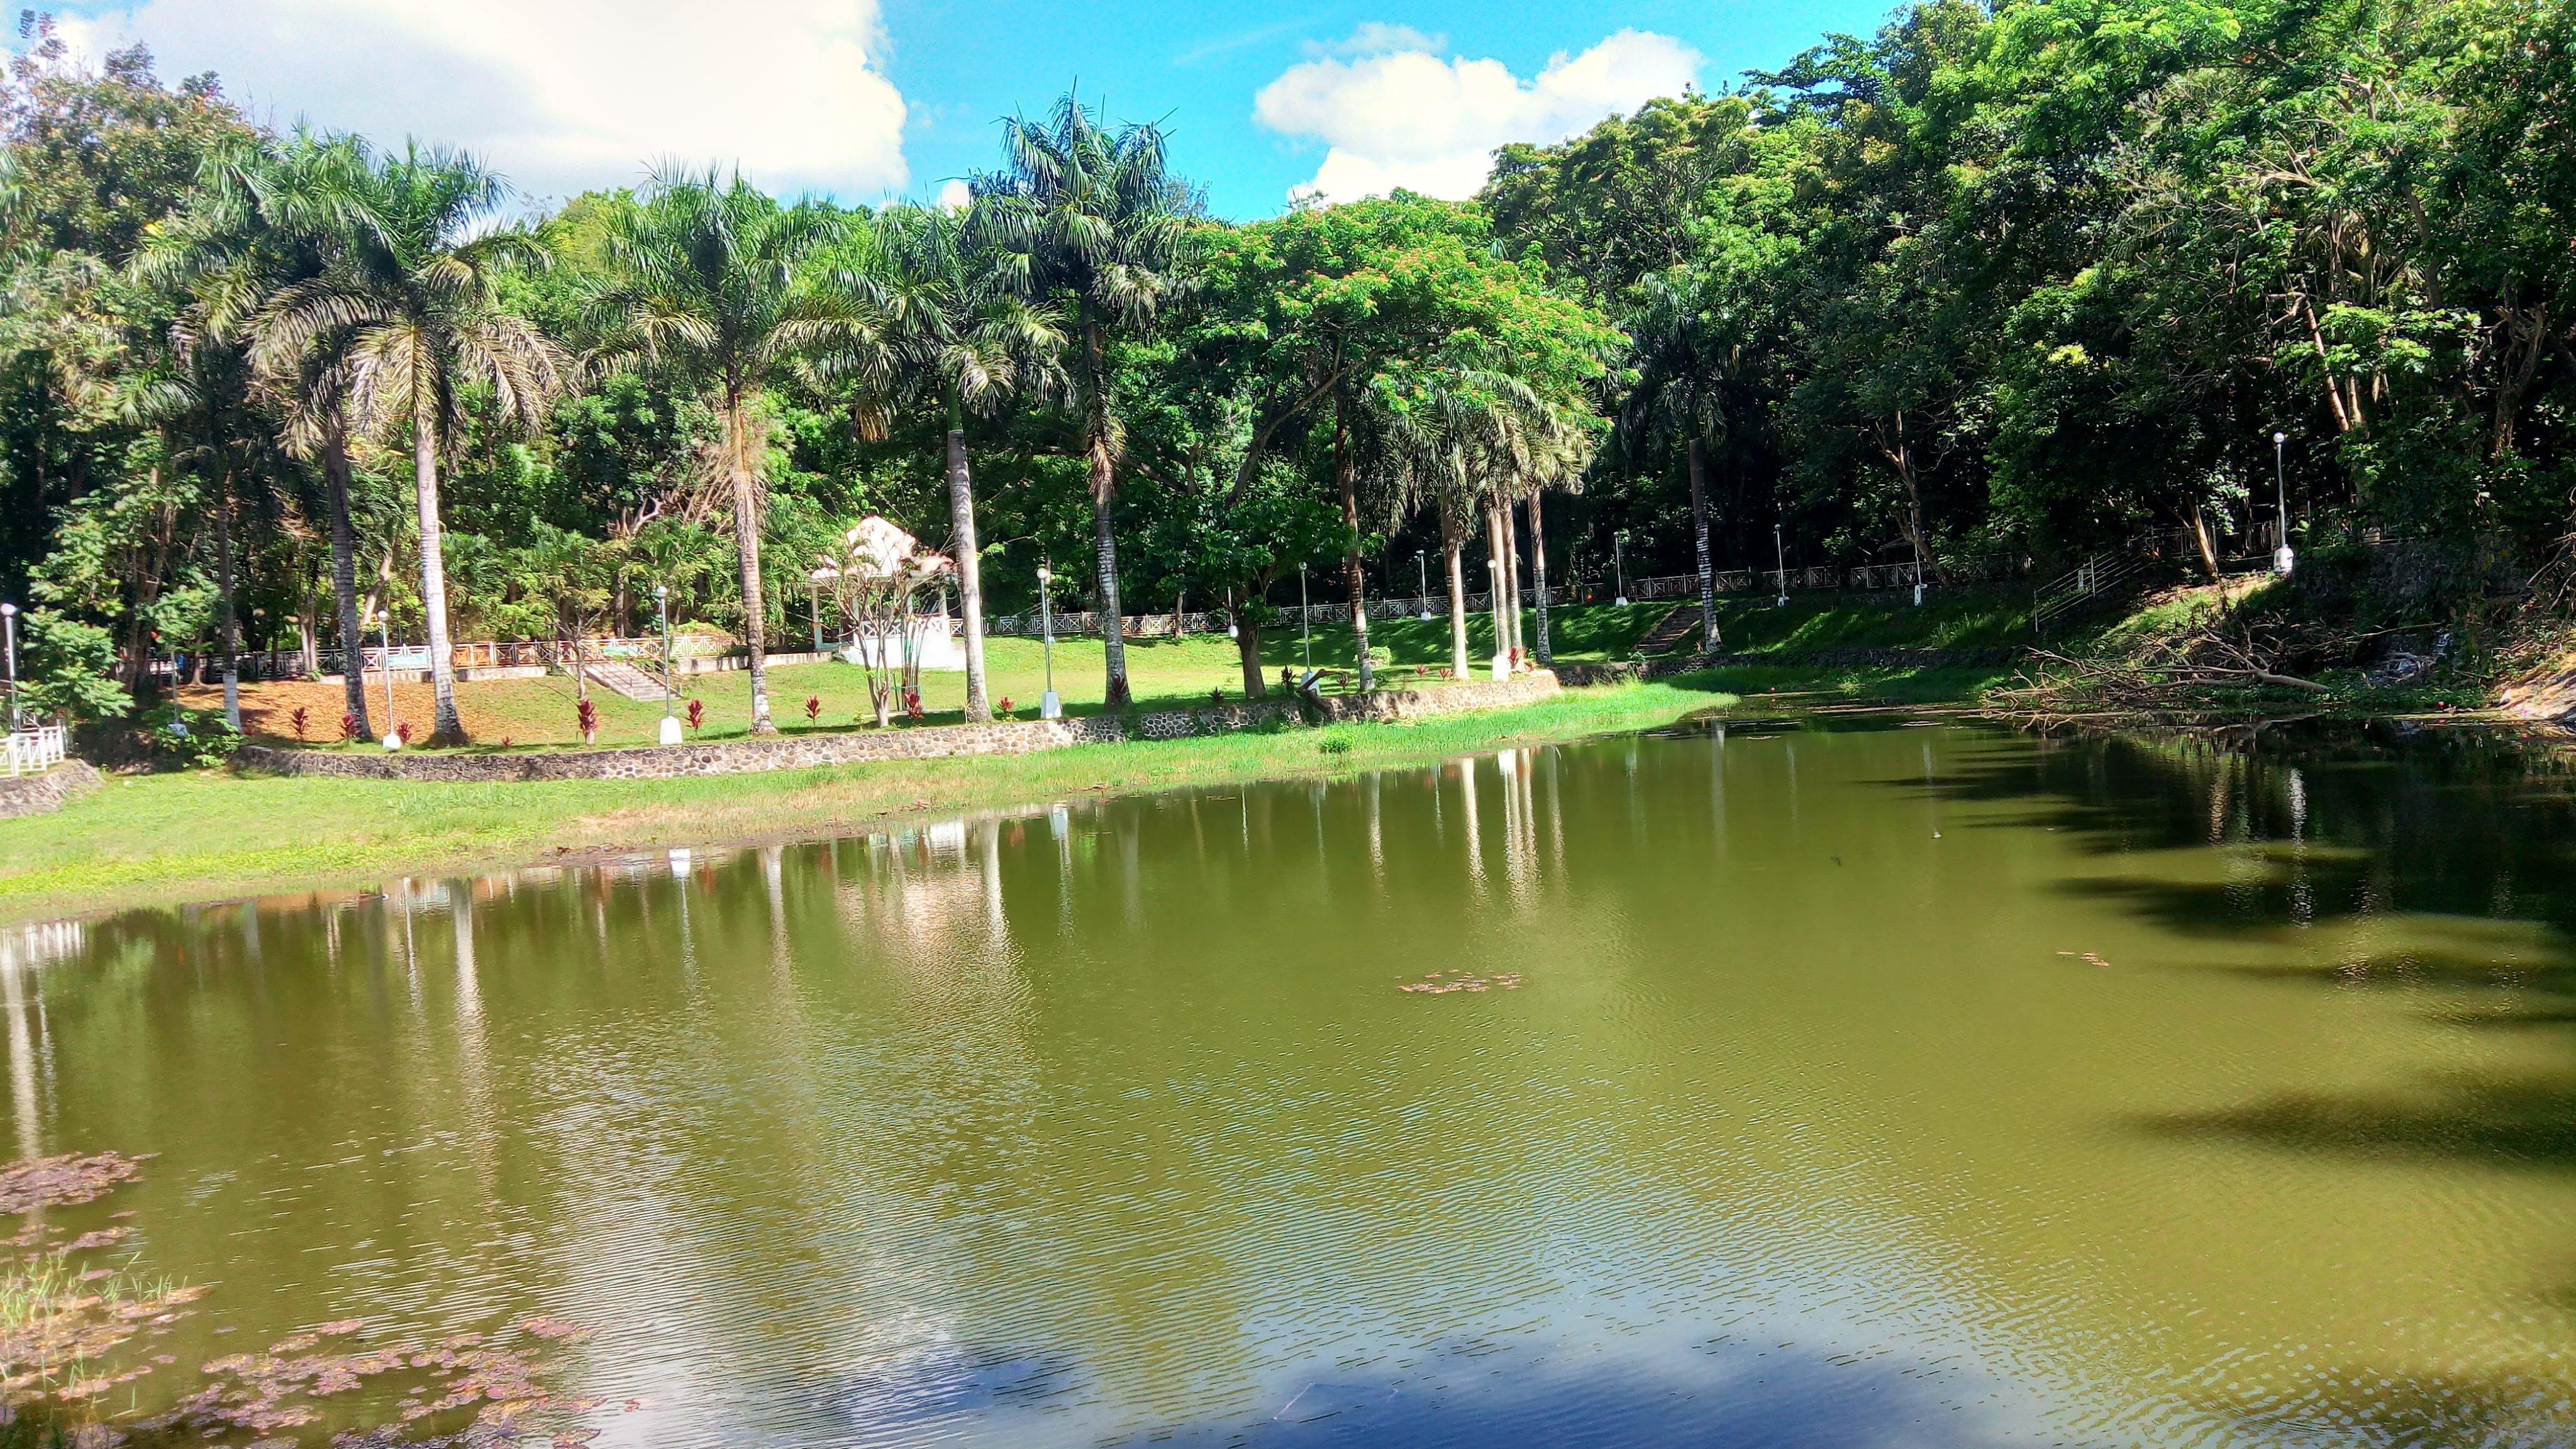 Free stock photo of garden pond, lagoon, manmade lake, park